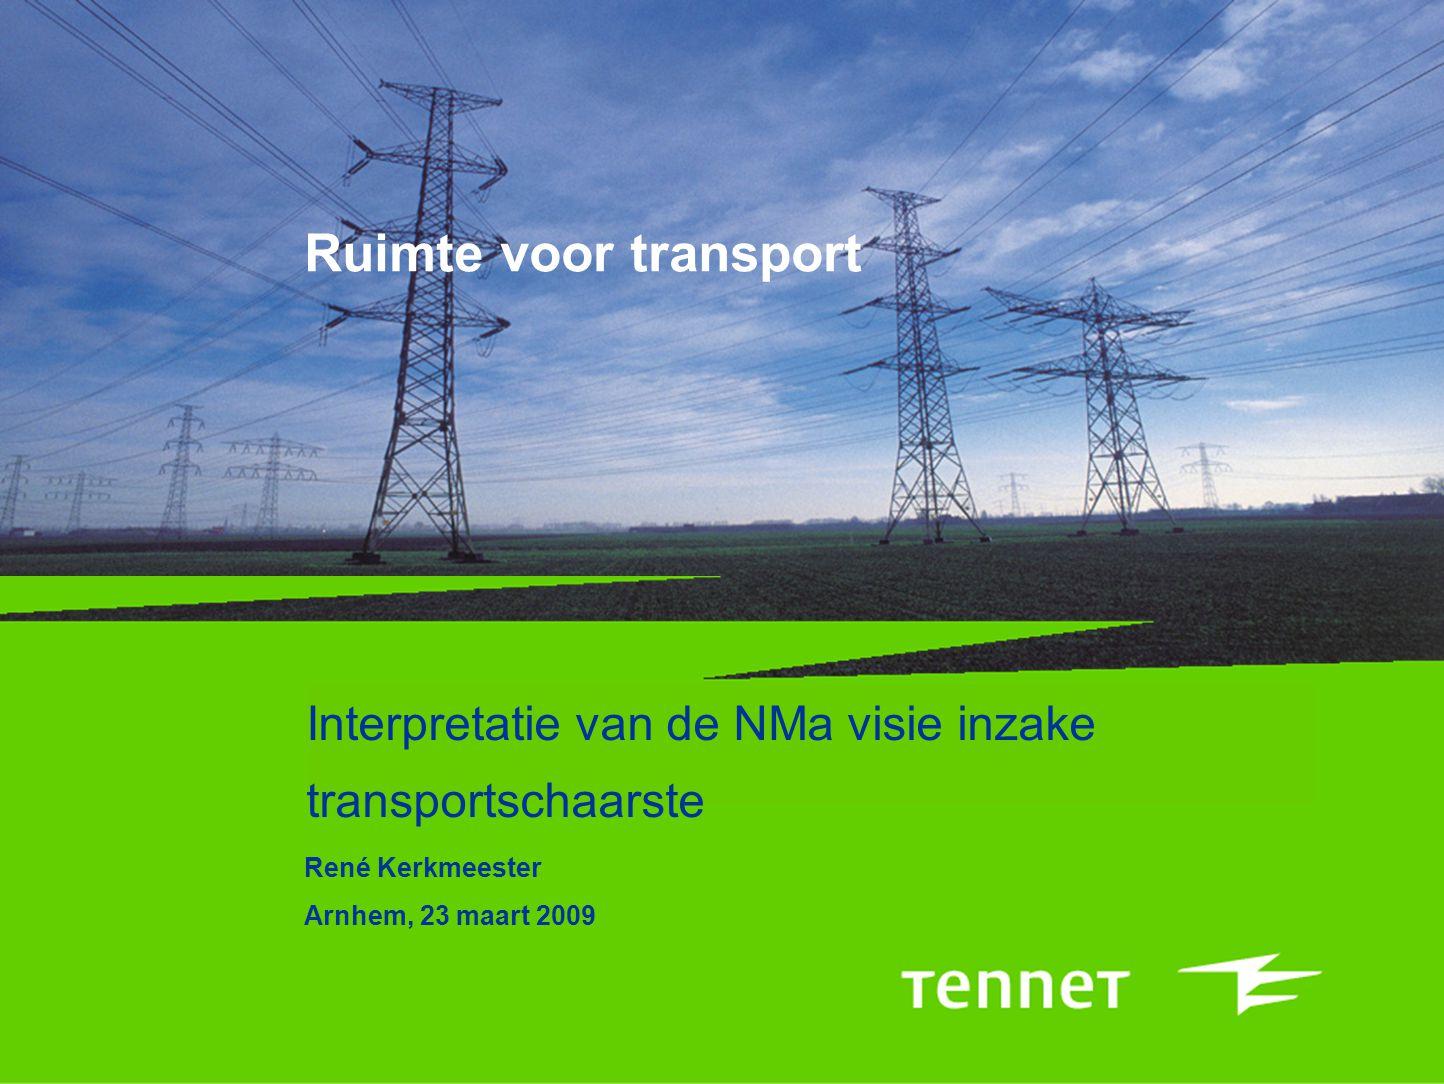 22 Visie NMa 'Transportschaarste' •Doel: Tijdelijk transportruimte vrijmaken tot capaciteitsuitbreiding •Oude situatie: transportruimte wordt bepaald door n-1 gedurende onderhoud (n-2).